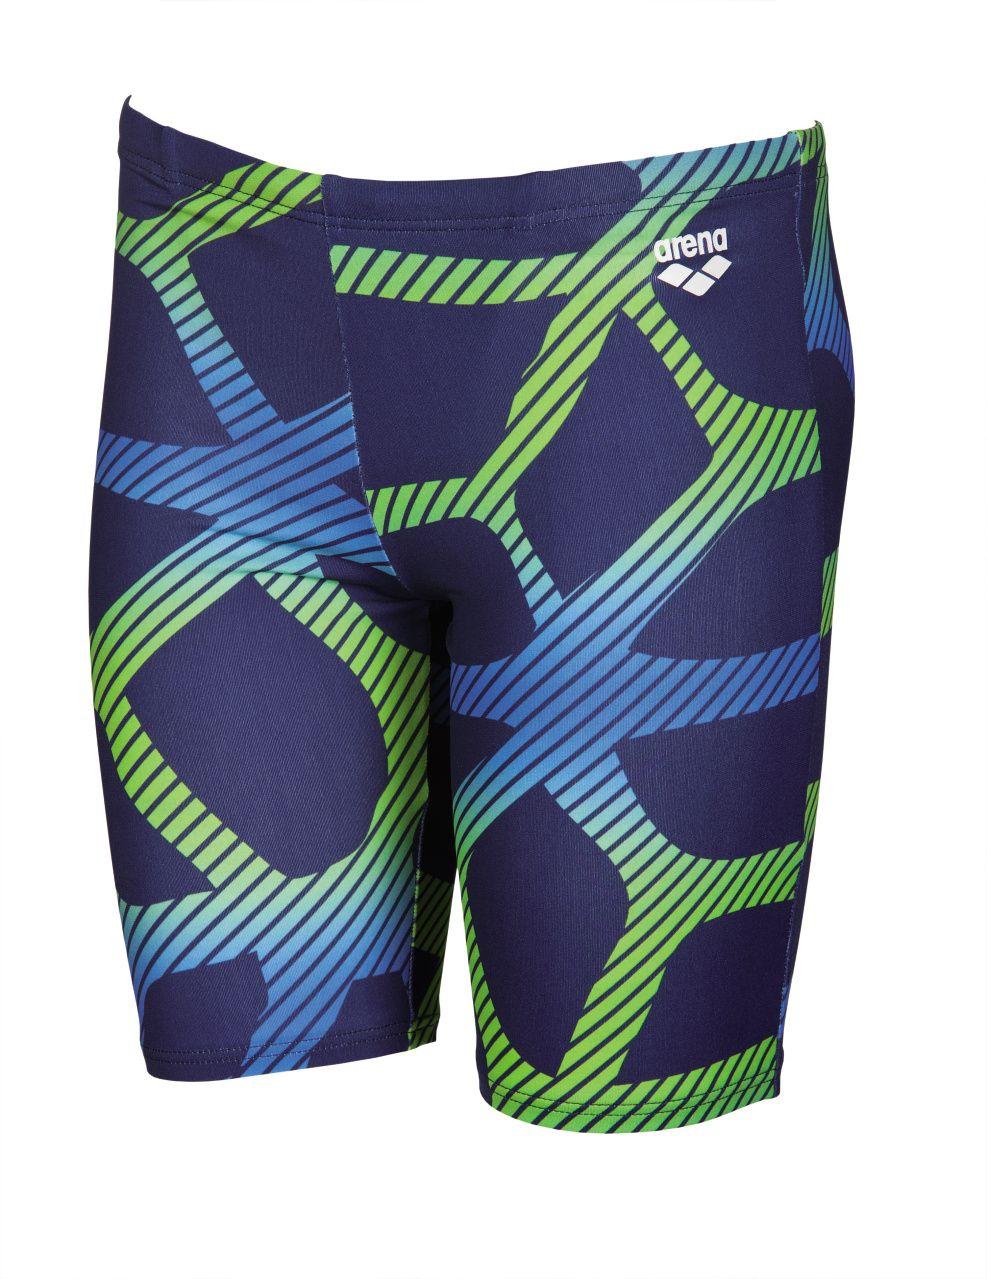 Adidas Herren Infinitex + Parley Wettkampf Badehose Edle Tinte Energie Blau